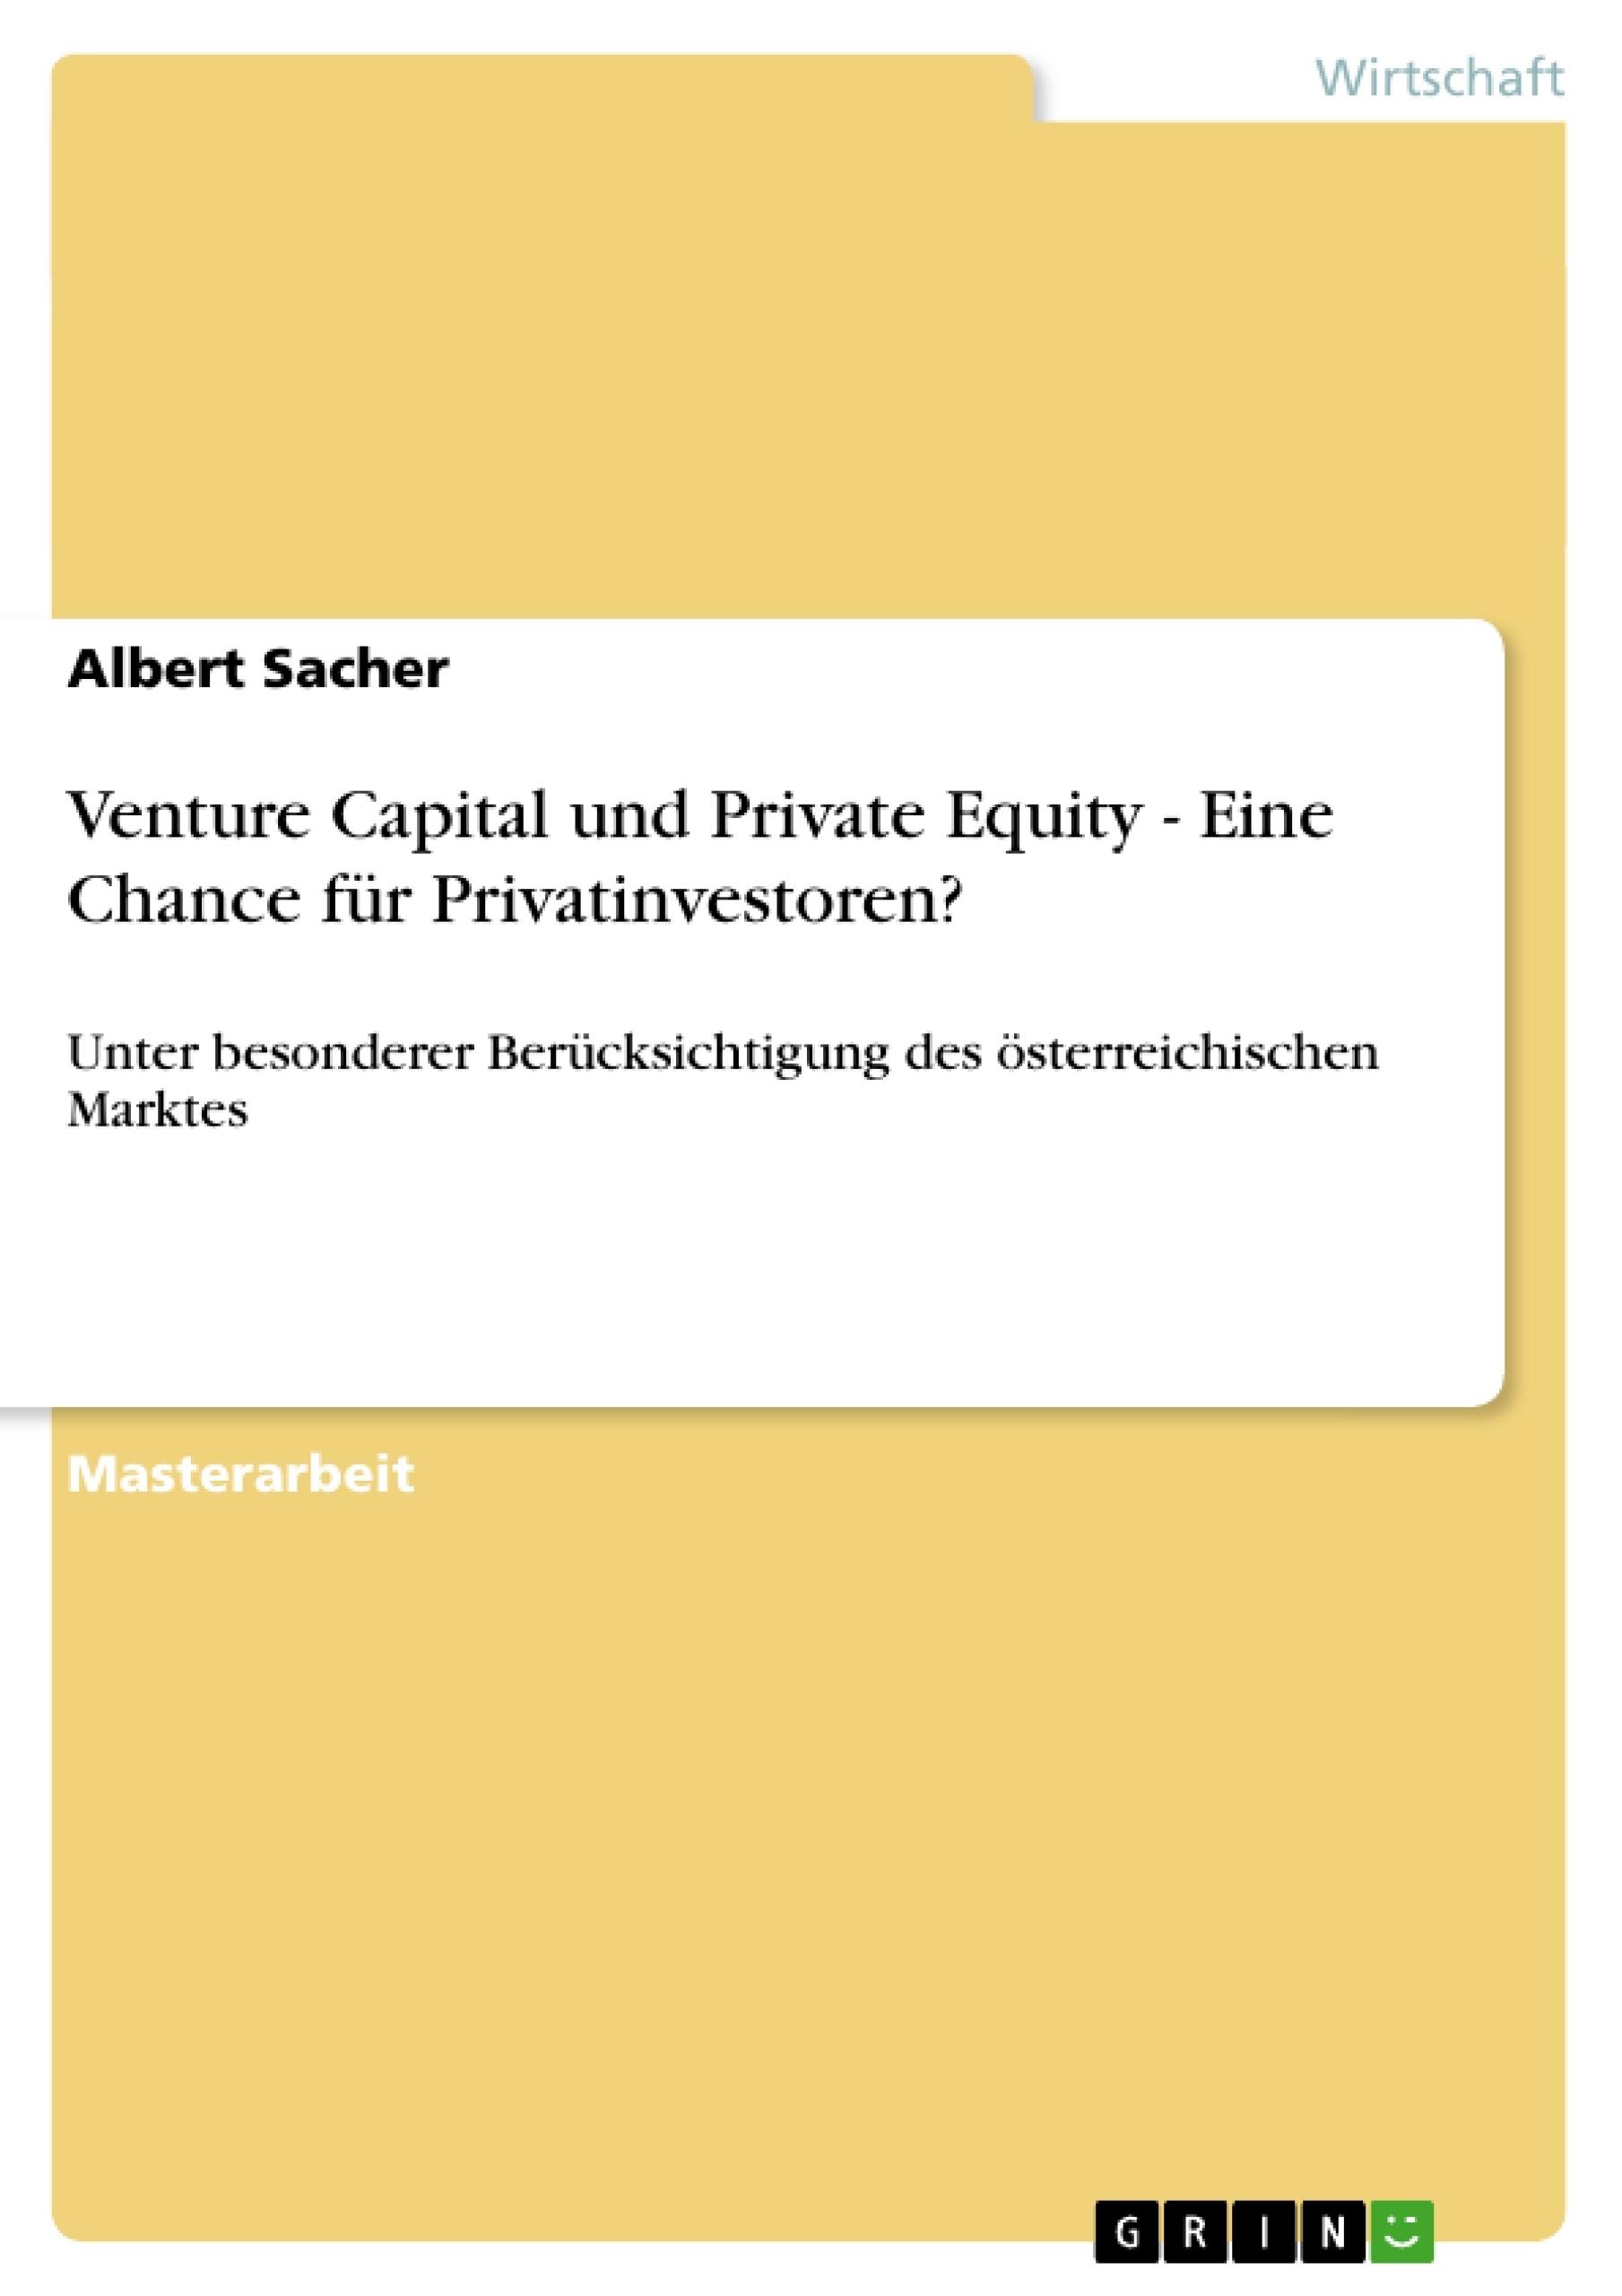 Titel: Venture Capital und Private Equity - Eine Chance für Privatinvestoren?